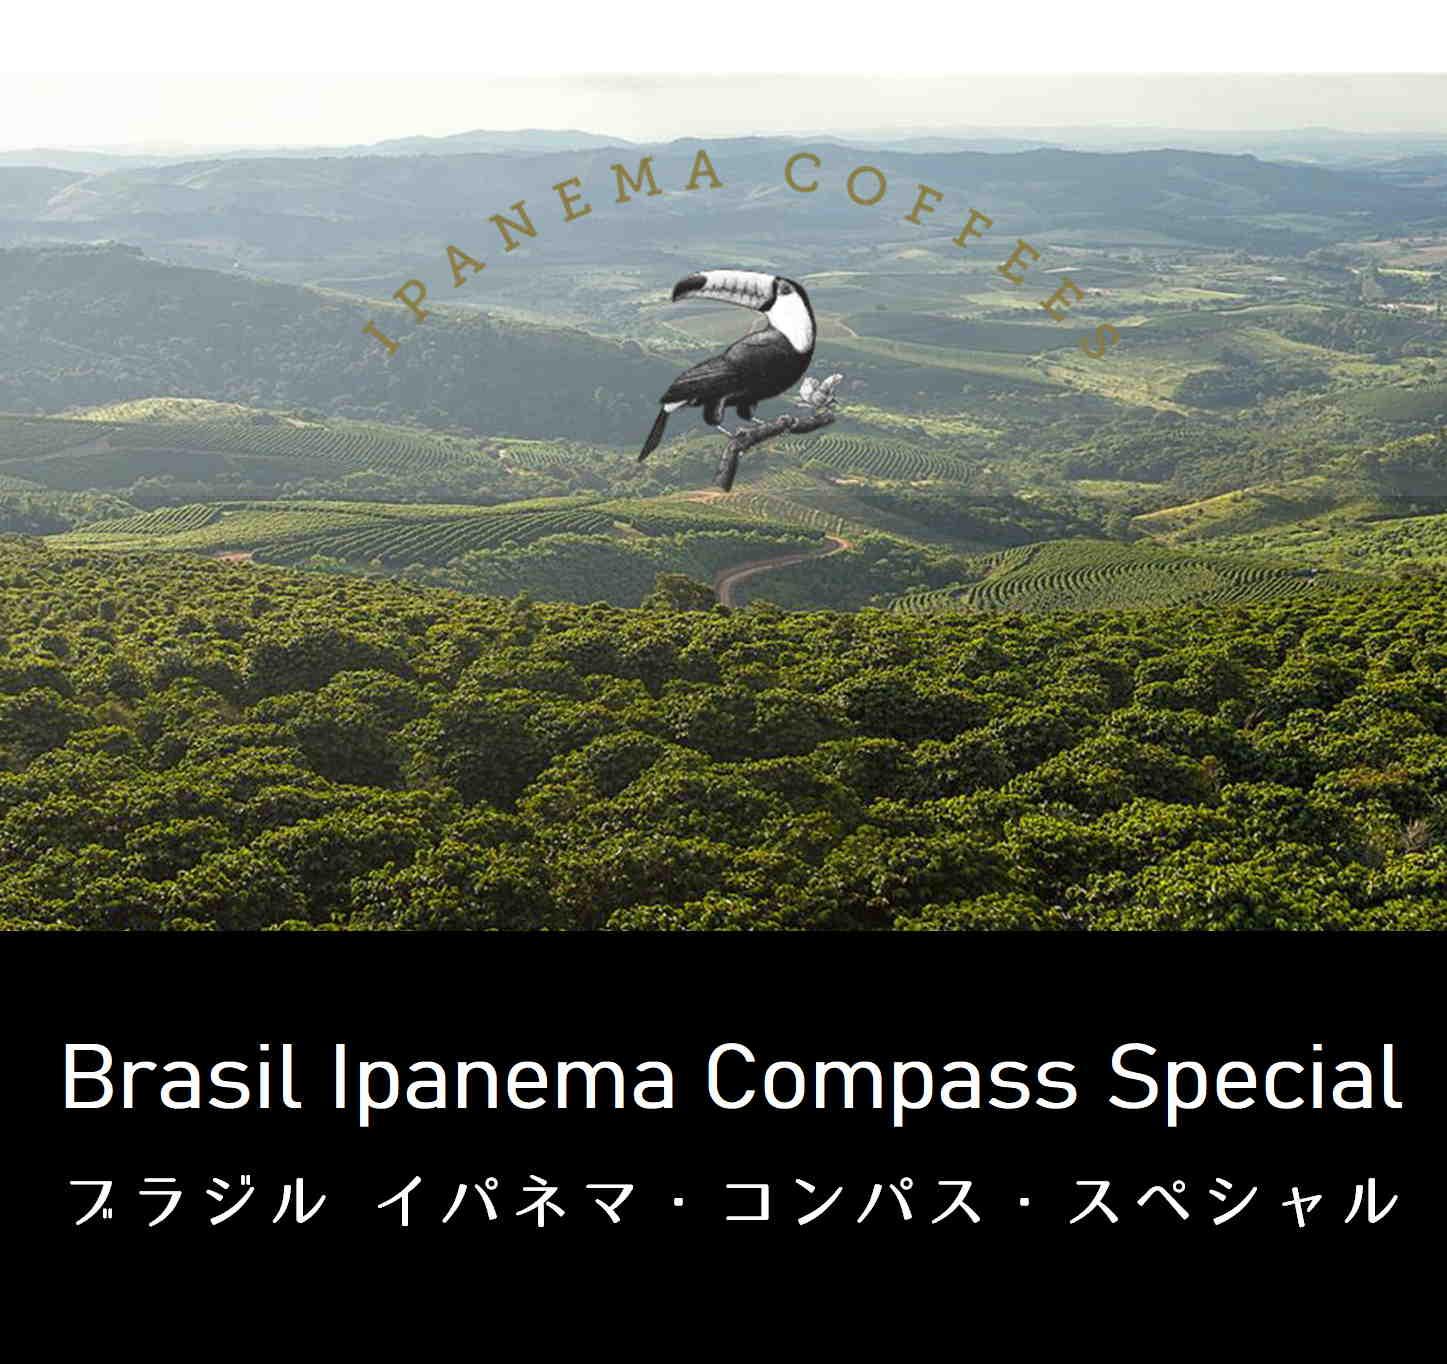 イパネマ・コンパス・スペシャル(ブラジル産)